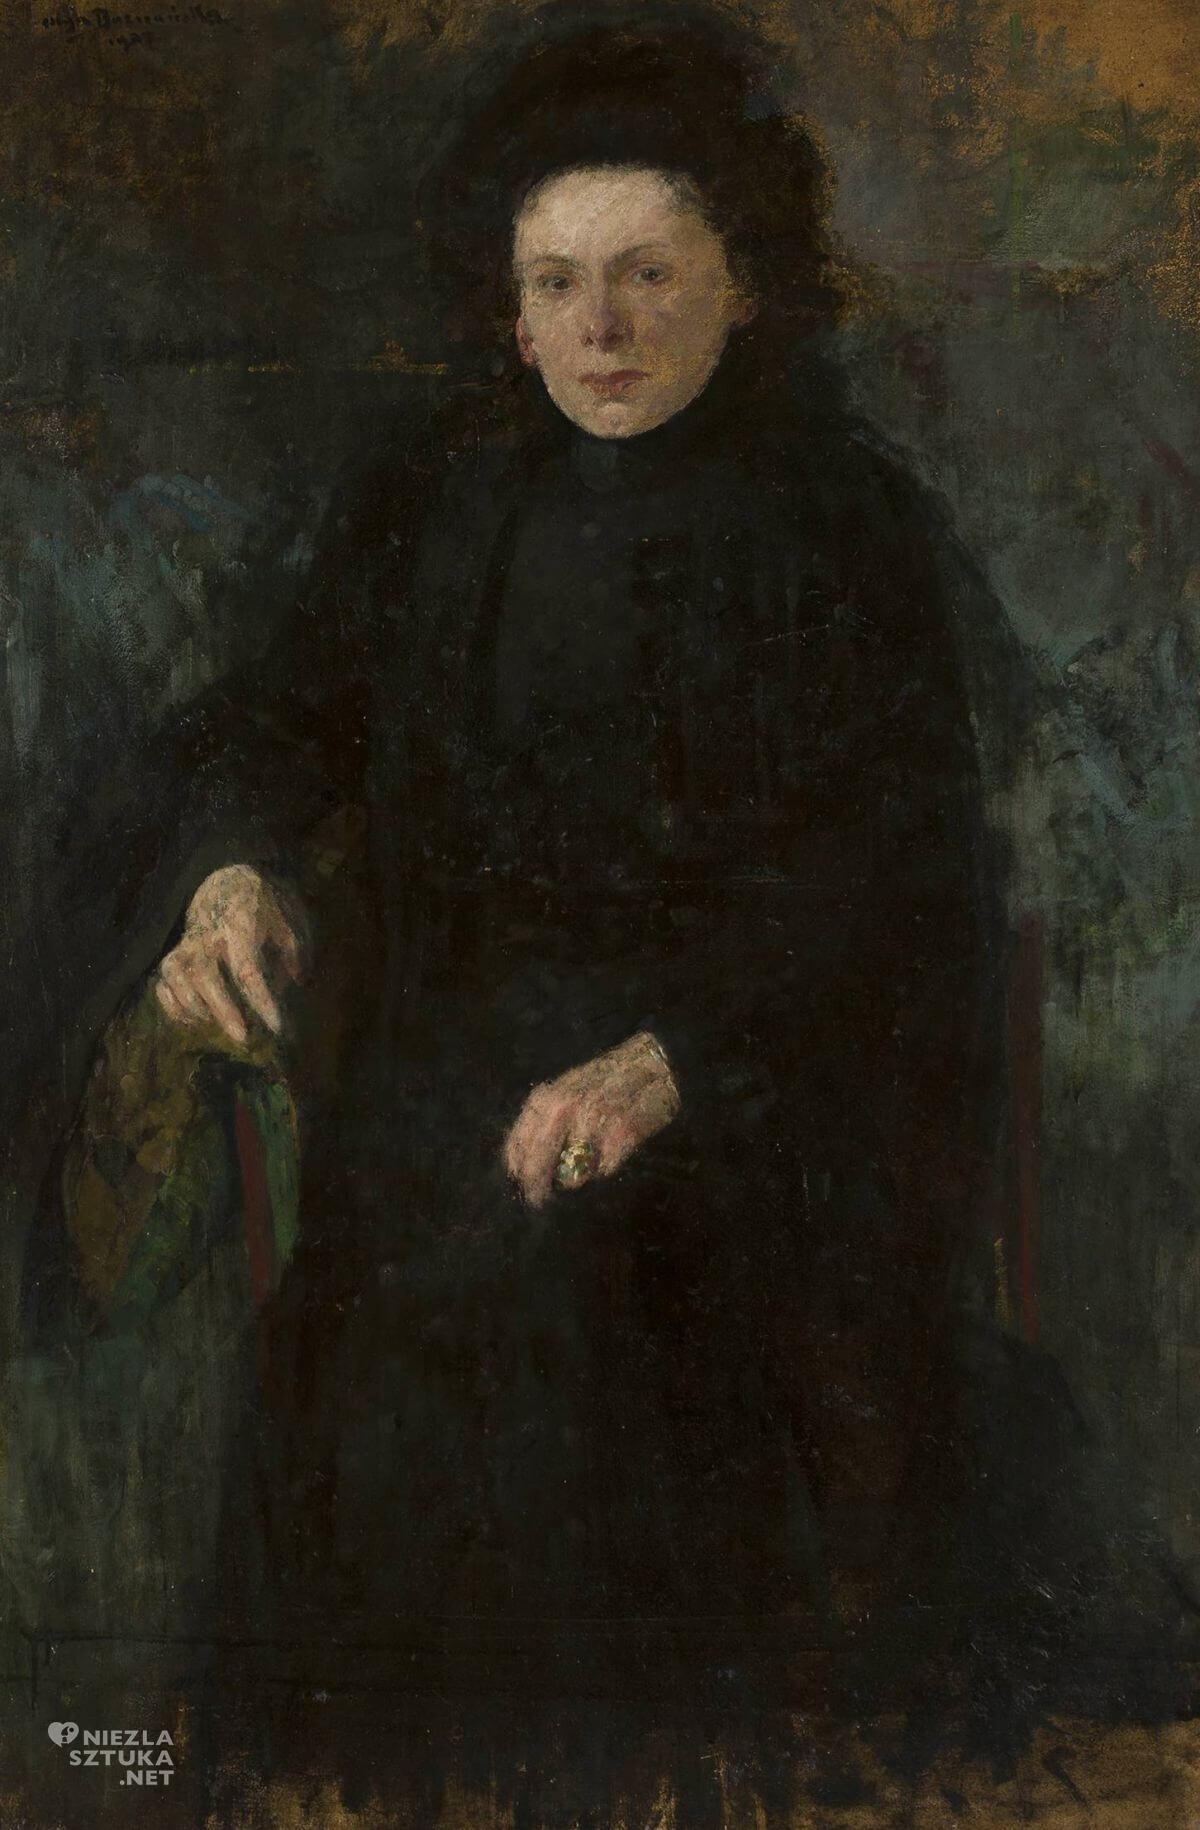 Olga Boznańska, Portret panny Jadwigi Paparówny, japonizm w sztuce polskiej, sztuka polska, Niezła sztuka